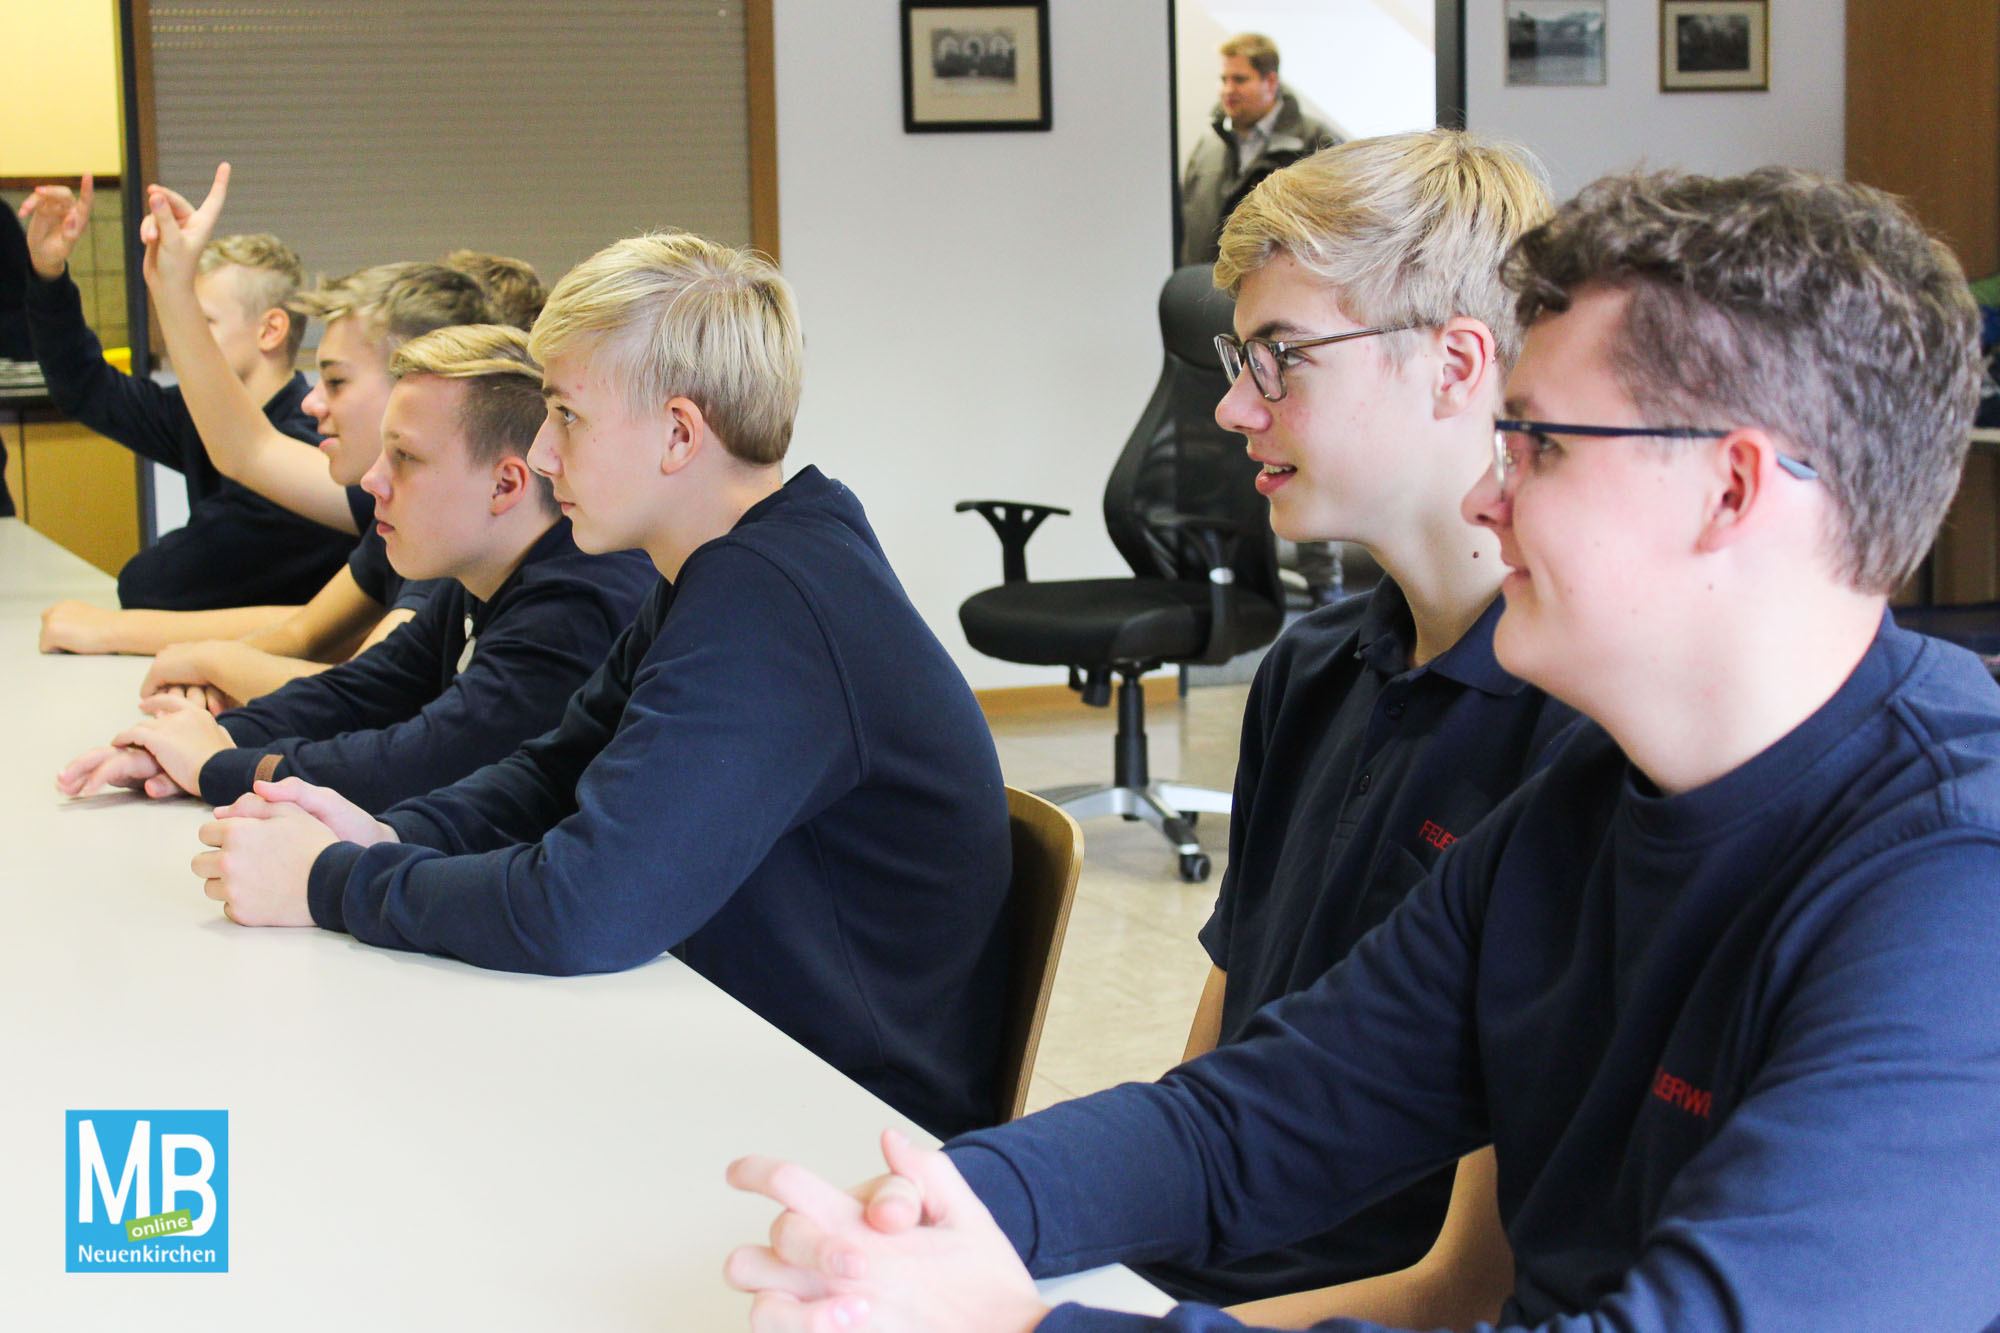 Berufsfeuerwehrtag für die Jugendfeuerwehr mit sechs realitätsnahen Einsatzübungen. | Foto: Kaumanns